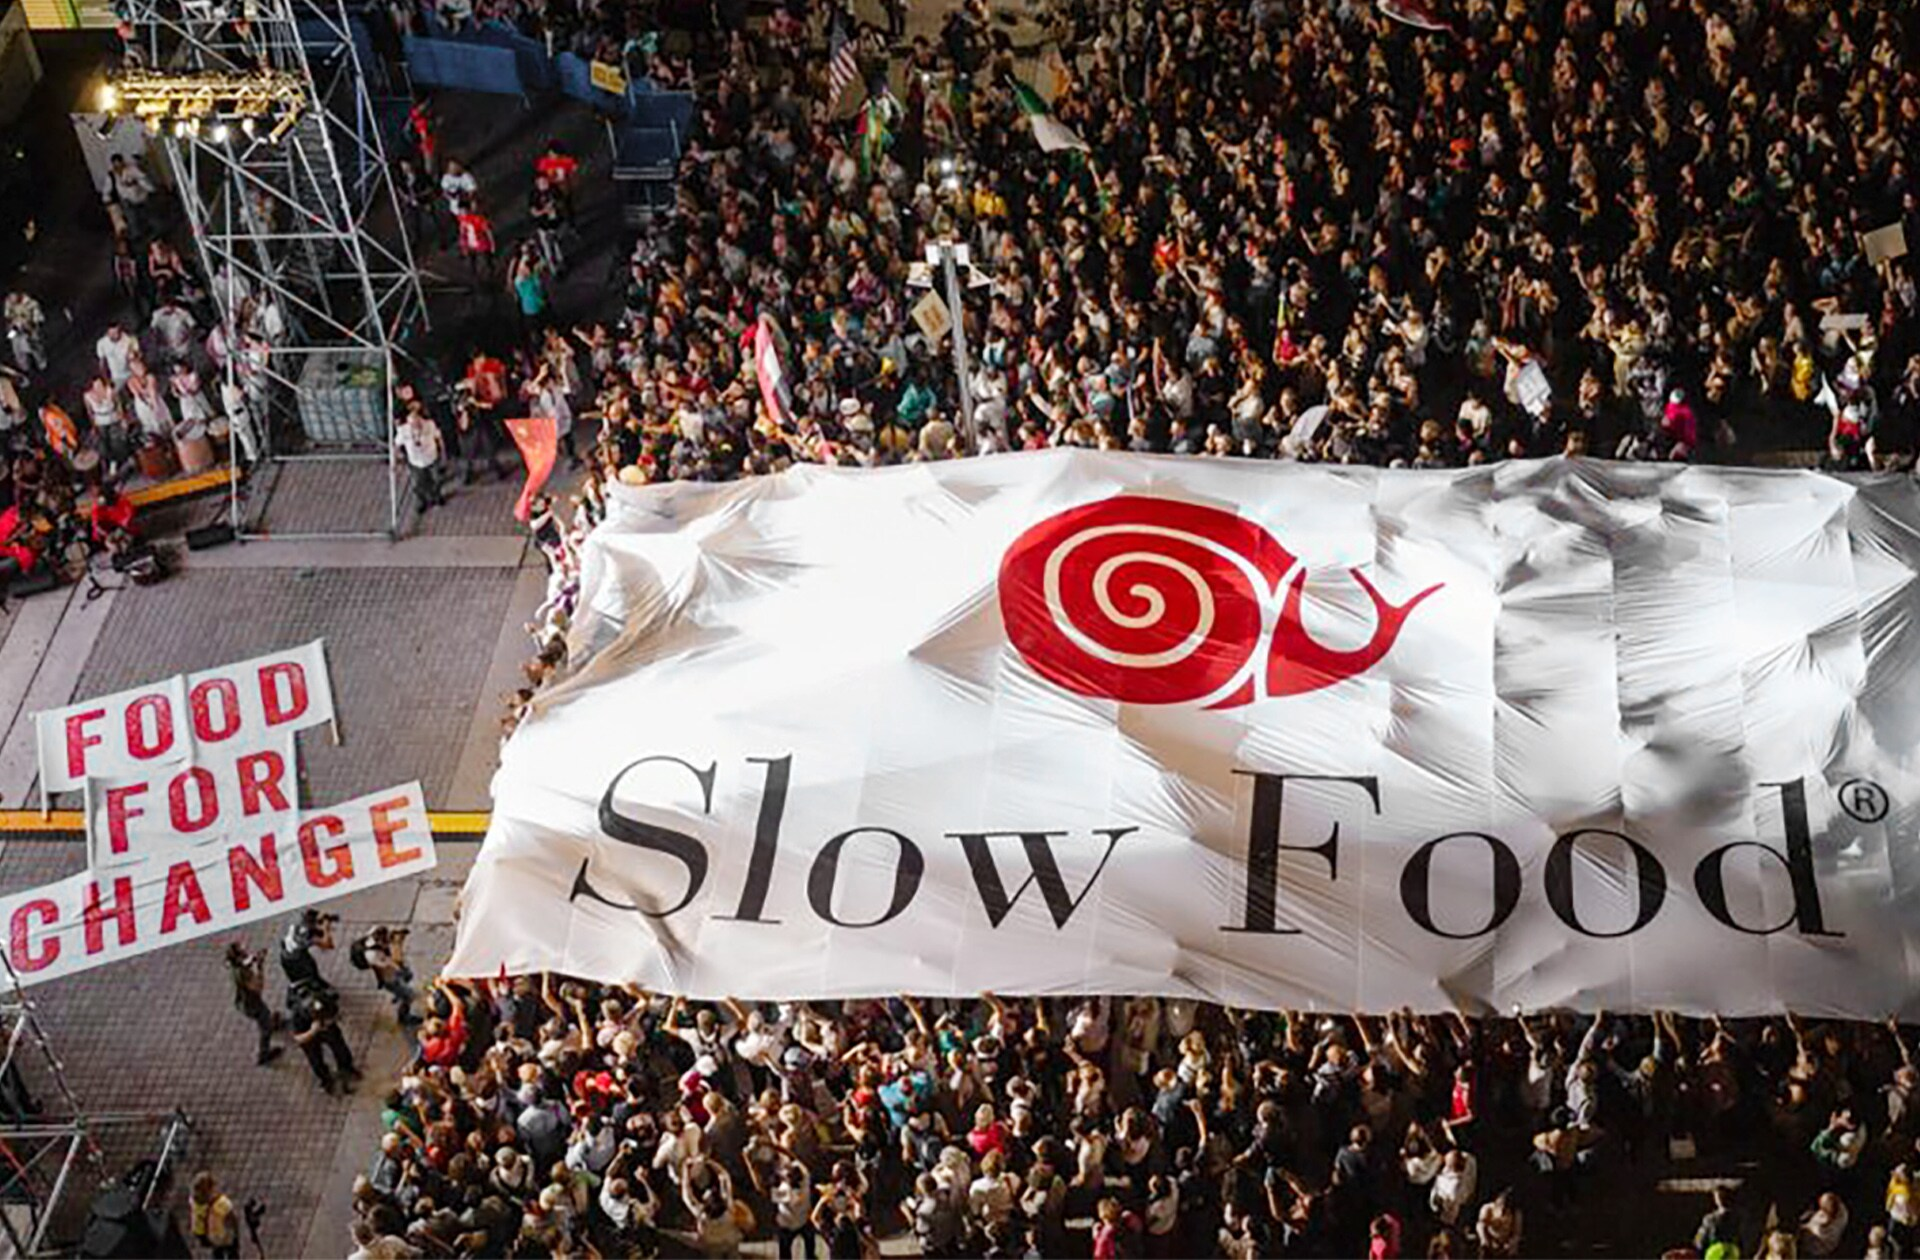 Slow Food je globalno gibanje, ki promovira družbeno odgovoren in okolju prijazen sistem prehranjevanja, da bi se obvarovala biotska raznovrstnost in zagotovilo dobro počutje živali. Od ustanovitve leta 1989 je Slow Food prerasel v organizacijo, ki vključuje milijone ljudi v več kot 160 državah.